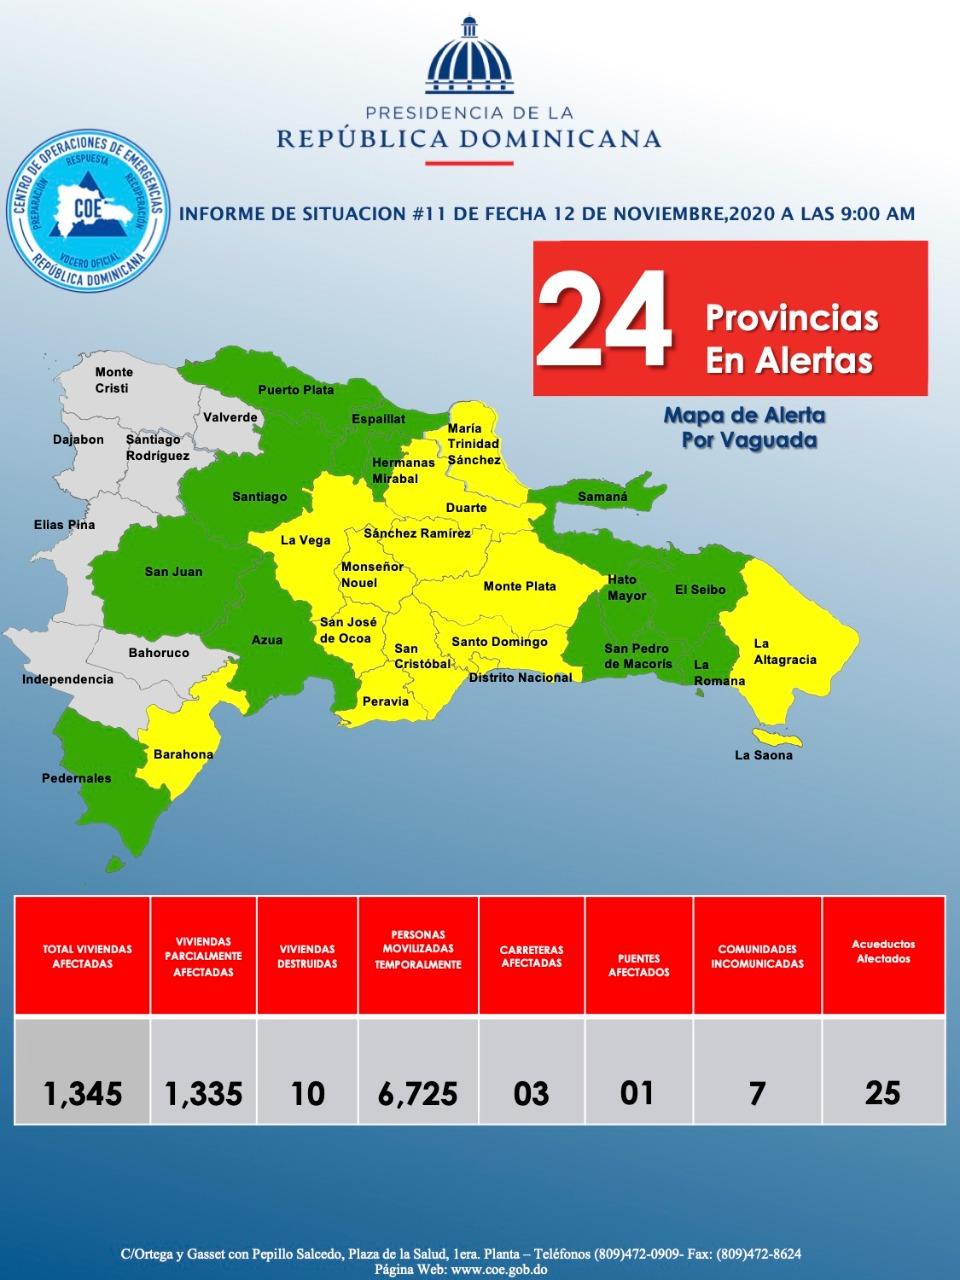 Más de 1300 viviendas afectadas y 6,725 personas evacuadas por lluvias